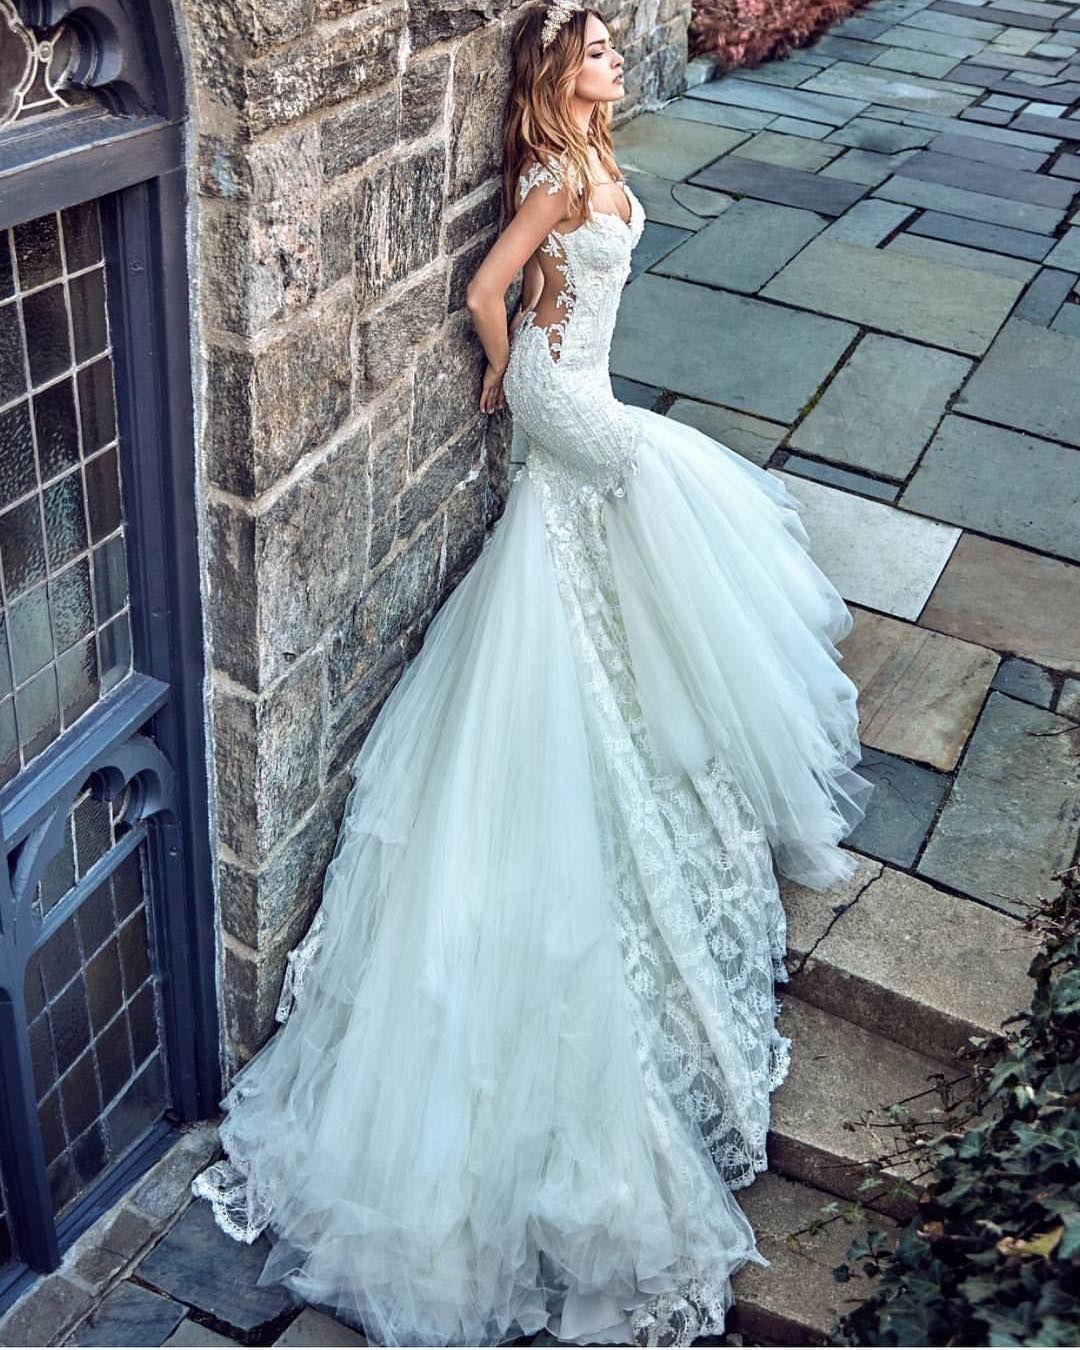 Pin von Wedding dress auf Wedding dress | Pinterest | Hochzeitskleider